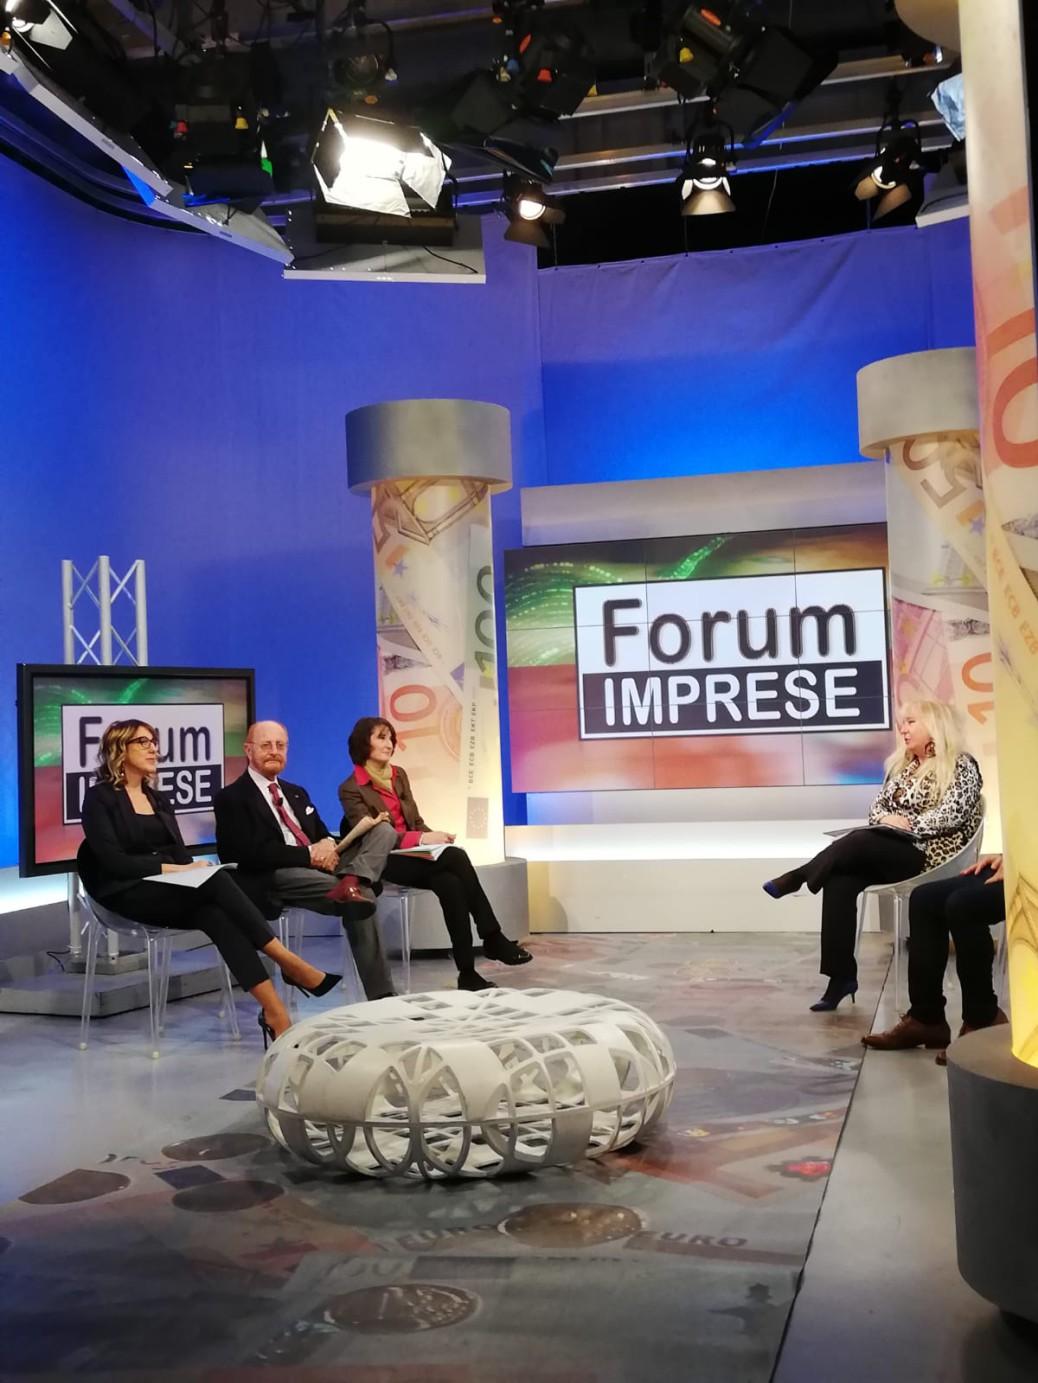 PHOTO-2019-11-07-09-14-27_1_E. BELLONI alla trasmissione TV Forum Imprese_07.11.2019